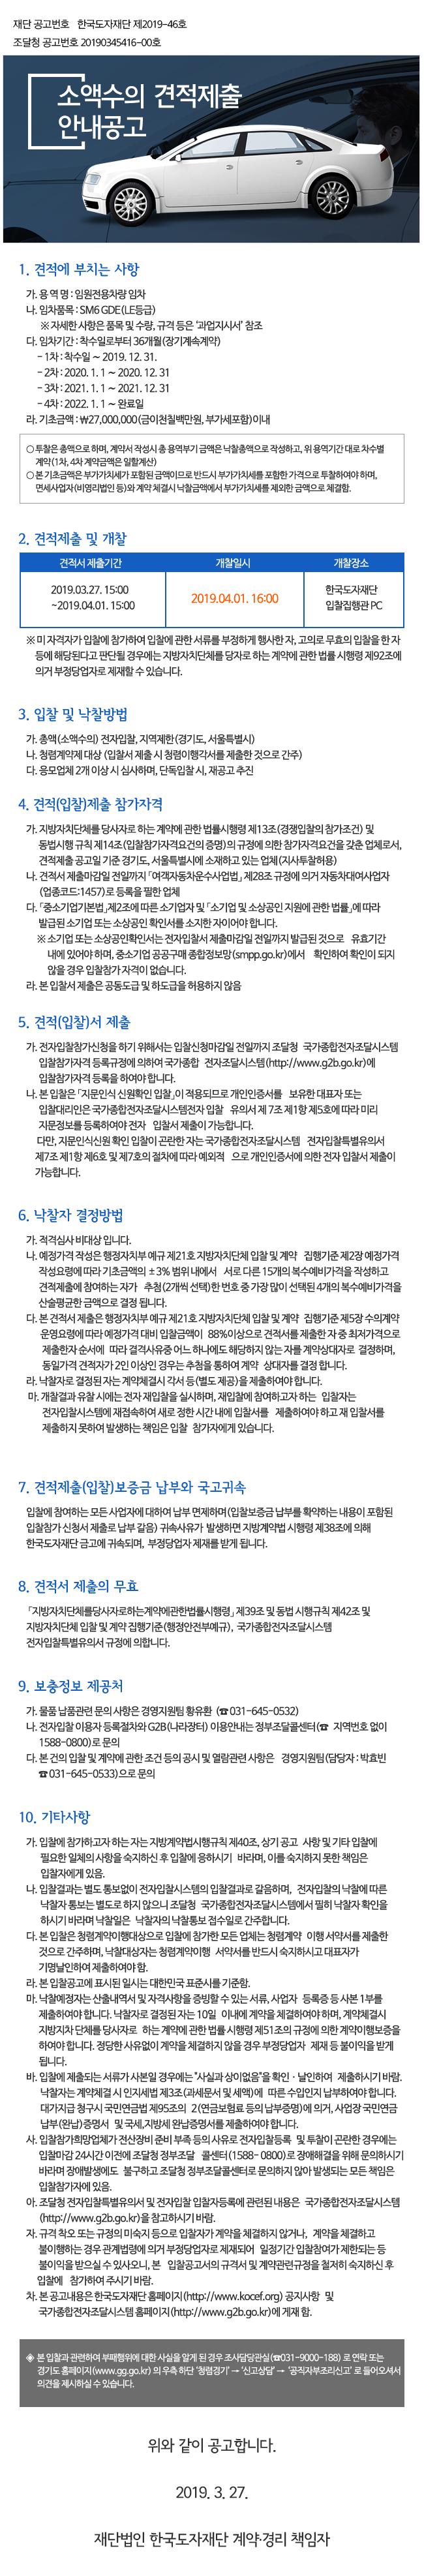 [소액수의 견적제출] 임원전용차량 임차(재공고)